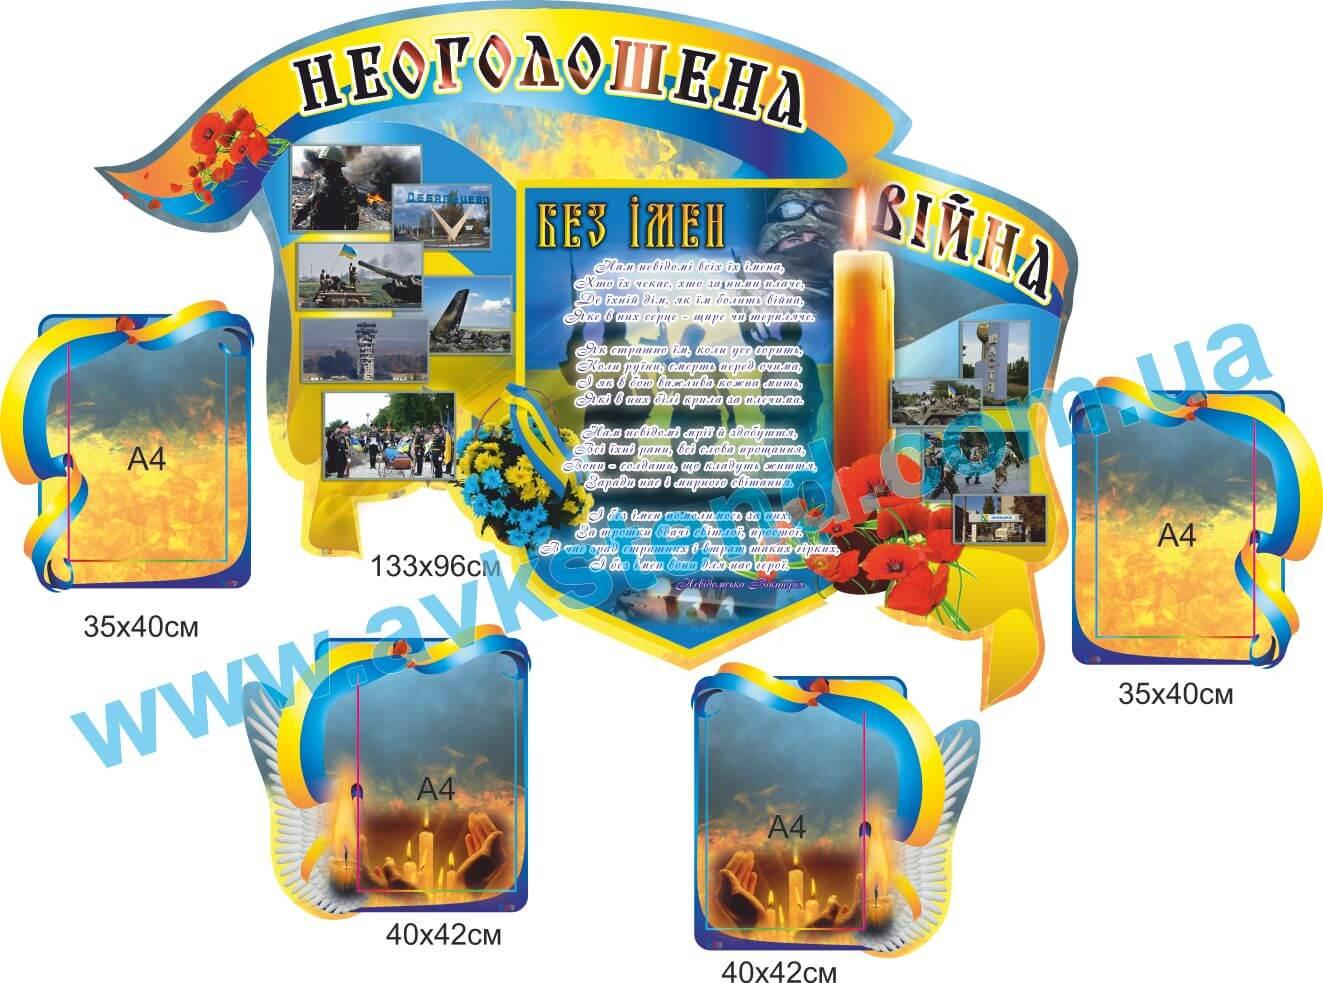 Комплект адміністративних стендів для школи , адміністративні стенди для школи купити, замовити, Комплект административных стендов для школы, административные стенды для школы купить, заказать,  Герої не вмирають, українська революція, революція 2014, Герои не умирают, Украинская революция, революция 2014, наша гордість України, наша гордость Украины, неоголошена війна,